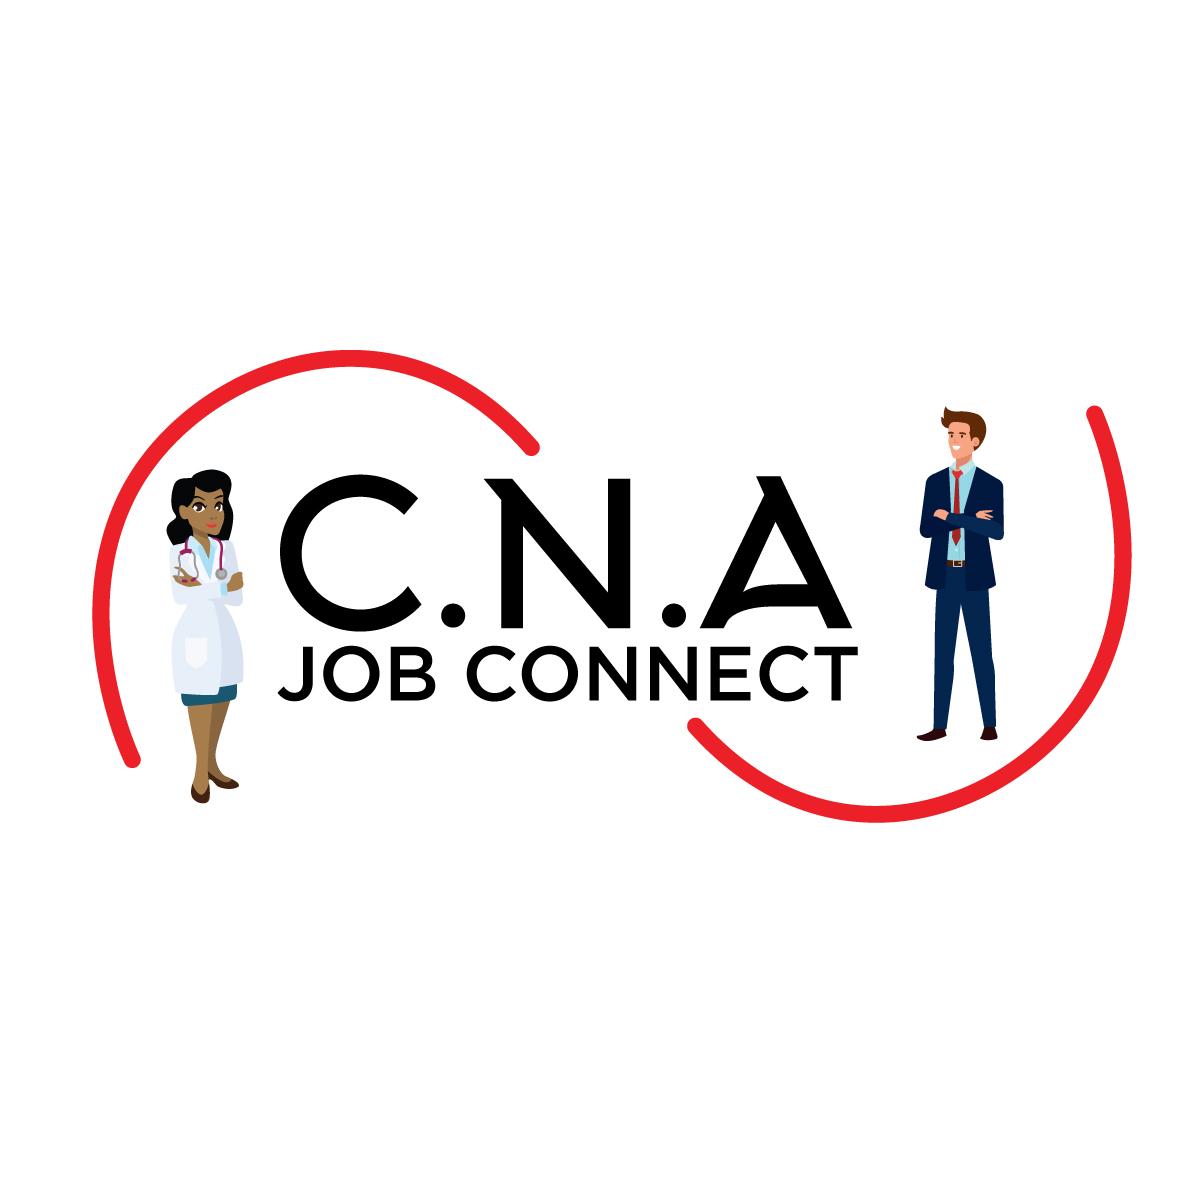 Cna Job Connect